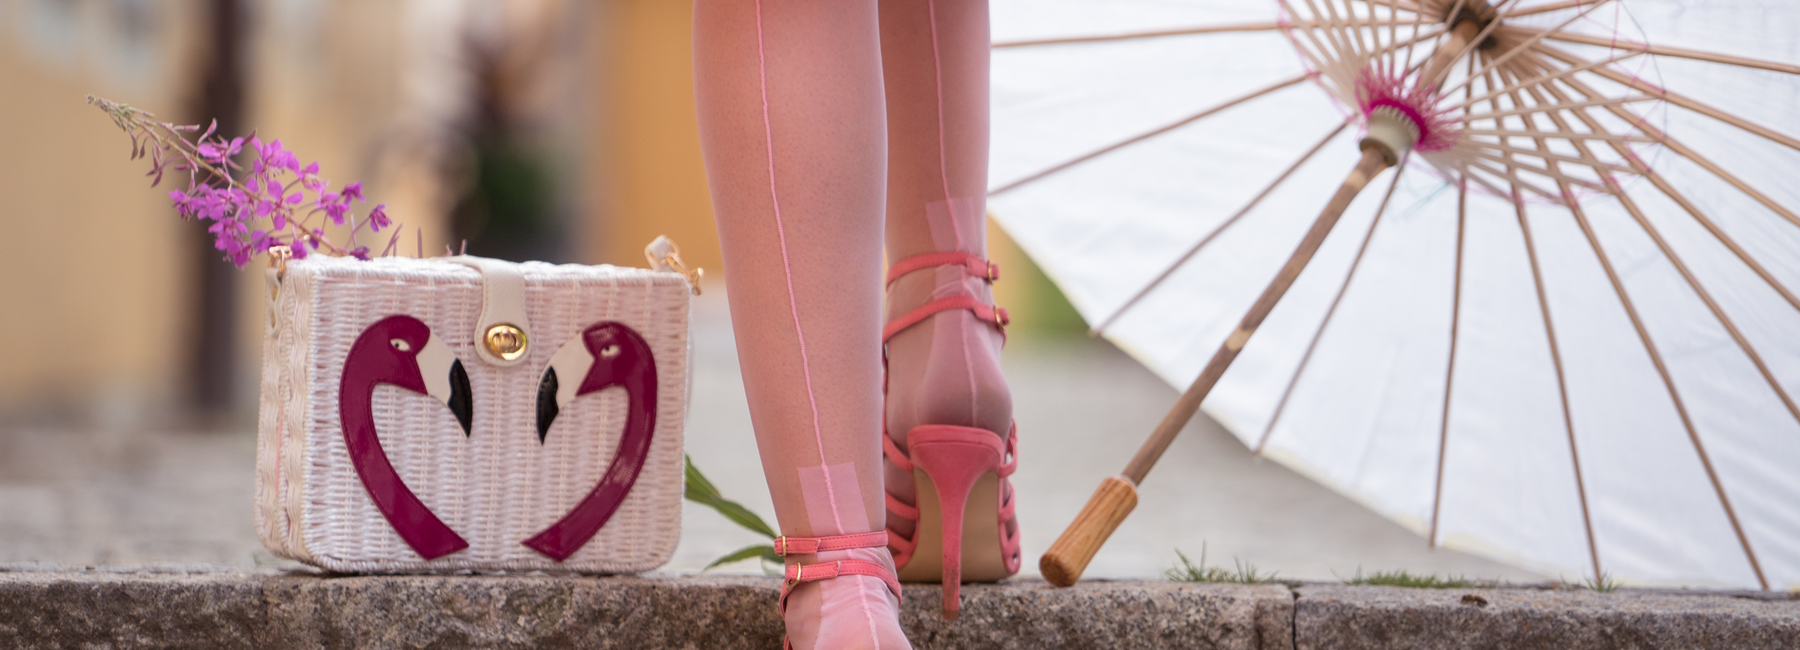 Erst die richtigen Accessoires machen den Vintage-Look perfekt! In unserem Onlineshop finden Sie Retro-Handtaschen im Vintage-Stil, süße Kosmetiktaschen und Rockabilly-Geldbörsen, Pinup- und 50er Jahre Haarschmuck und Gürtel im Retrolook.